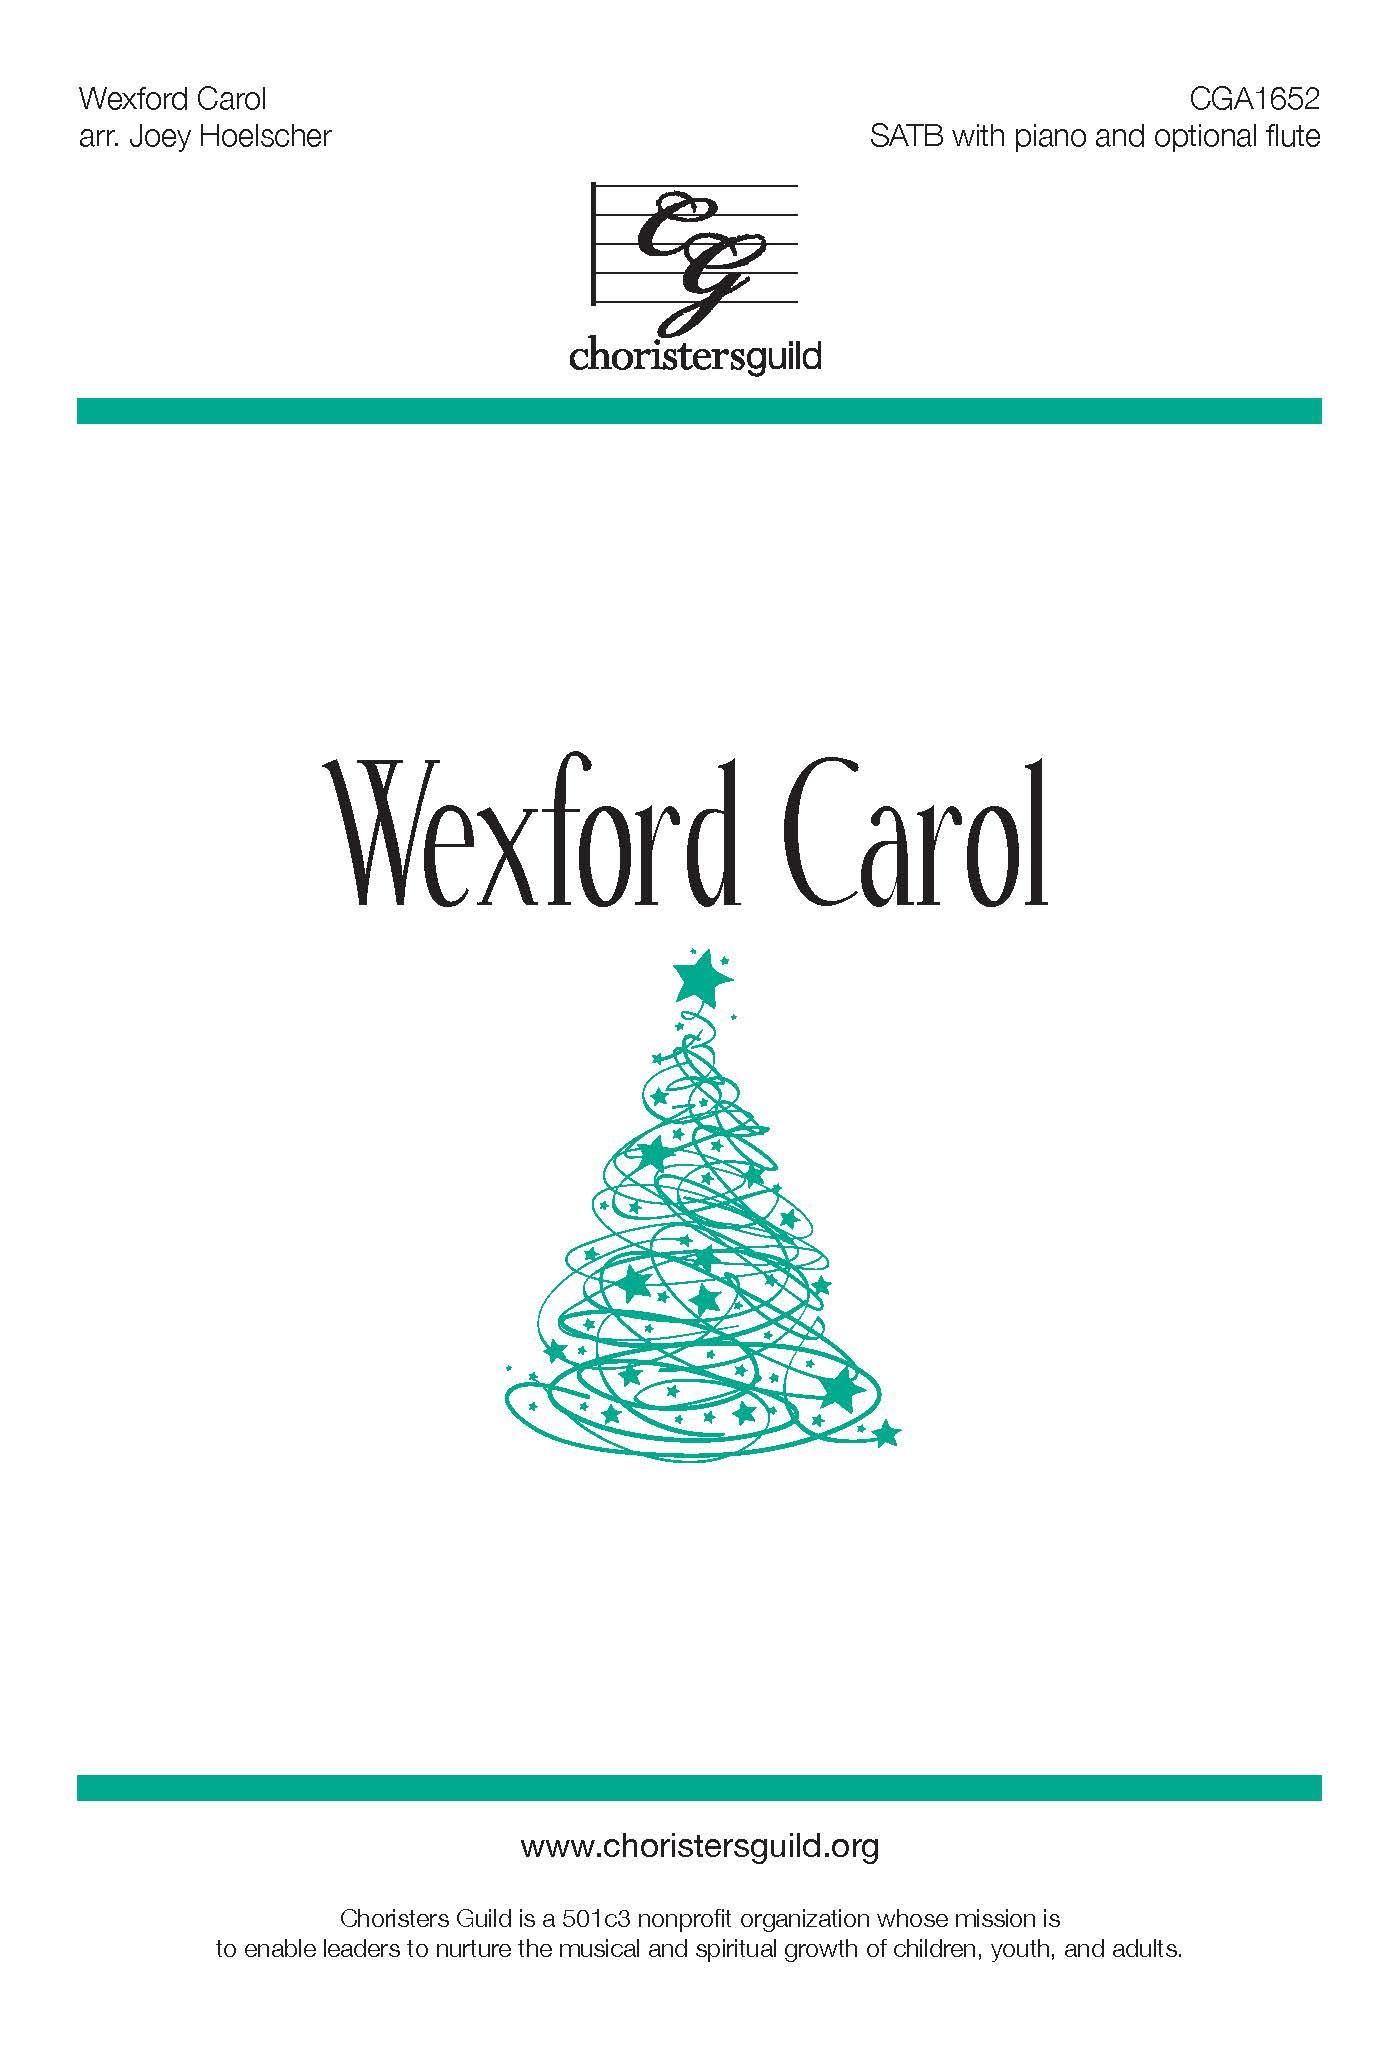 Wexford Carol - SATB